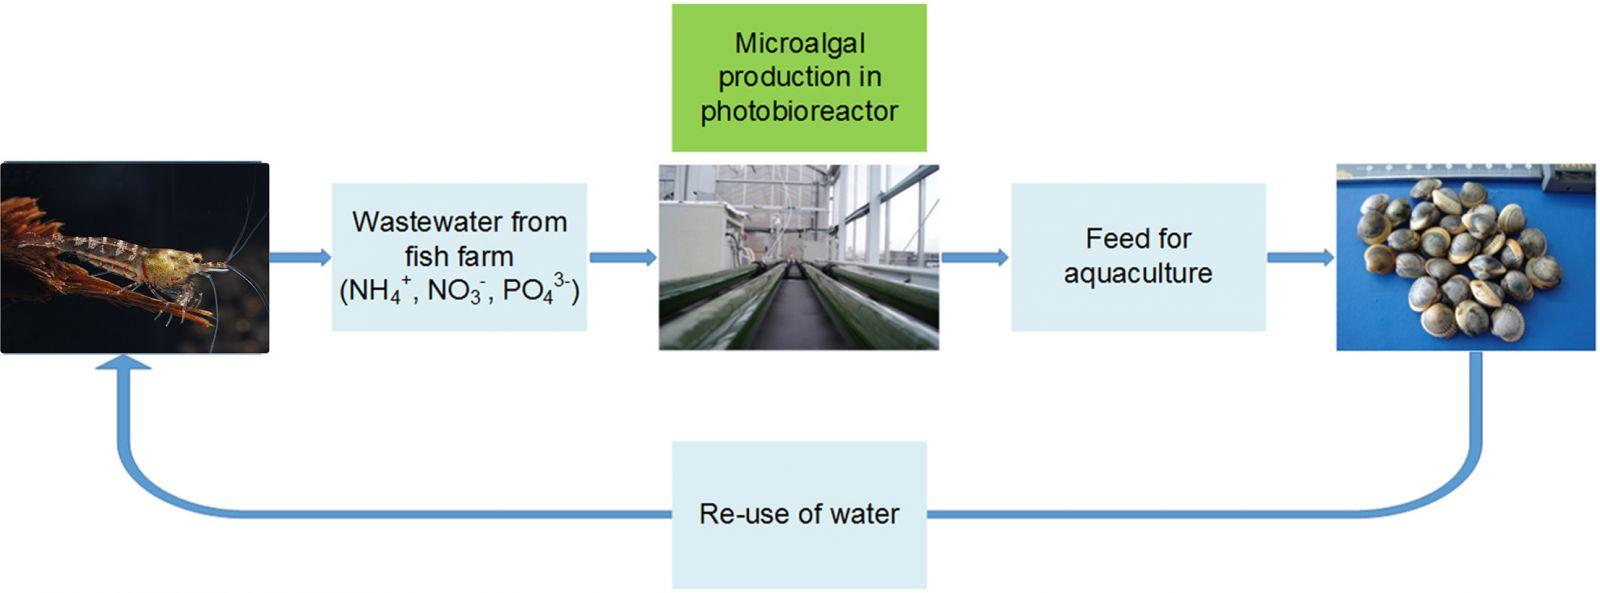 dùng tảo xử lý nước nuôi tôm, xử lý nước nuôi tôm, mô hình xử lý nước nuôi tôm